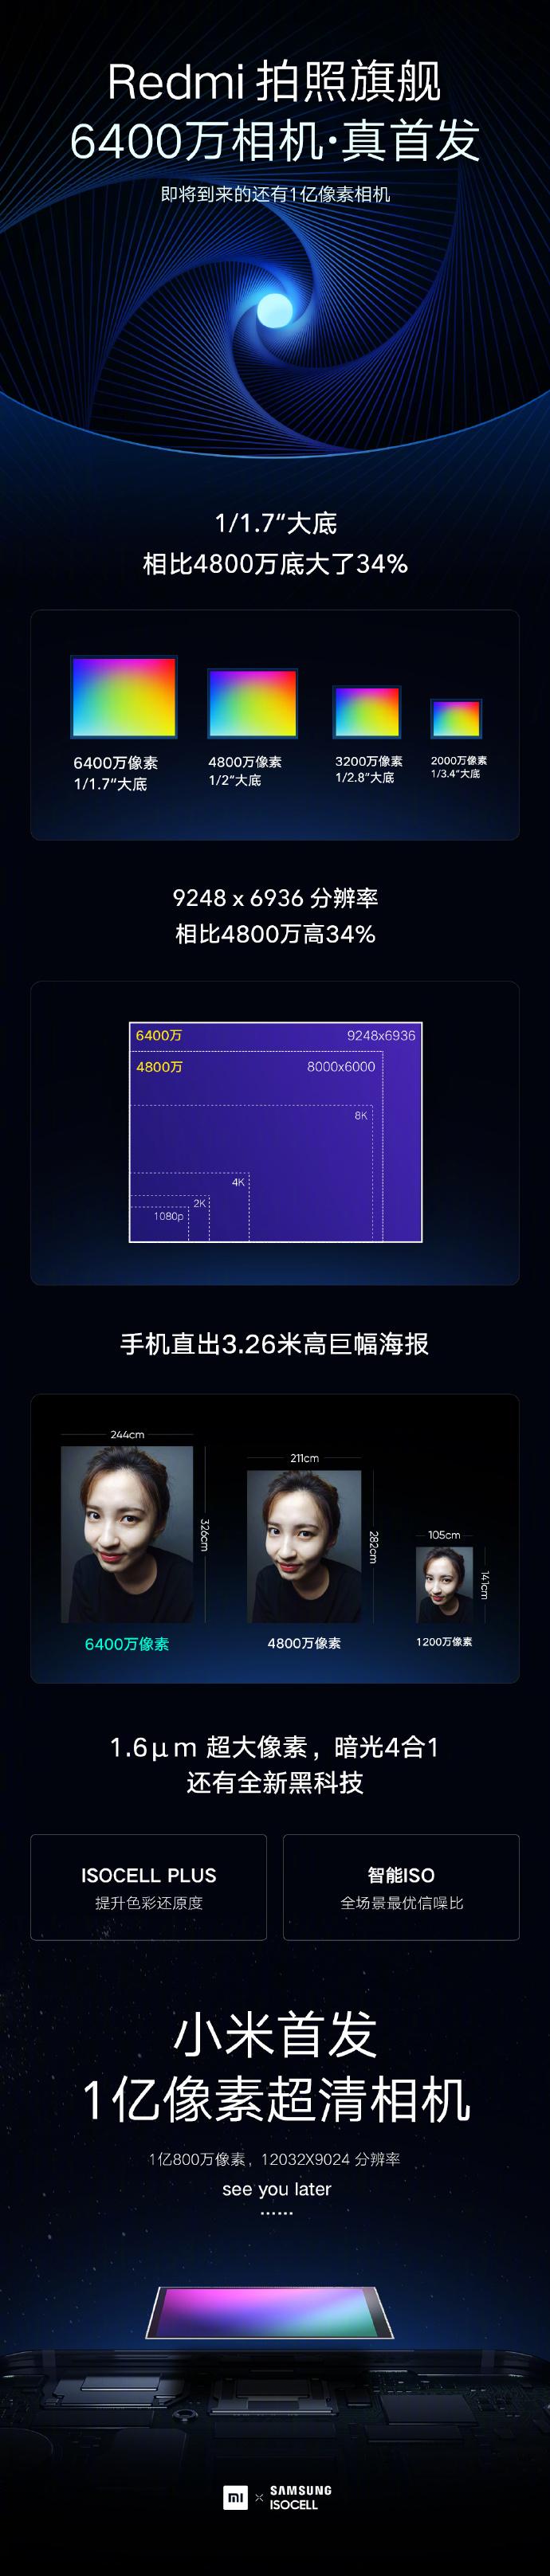 一图介绍Redmi6400万像素超清相机:即将到来的还有1亿像素相机-玩懂手机网 - 玩懂手机第一手的手机资讯网(www.wdshouji.com)